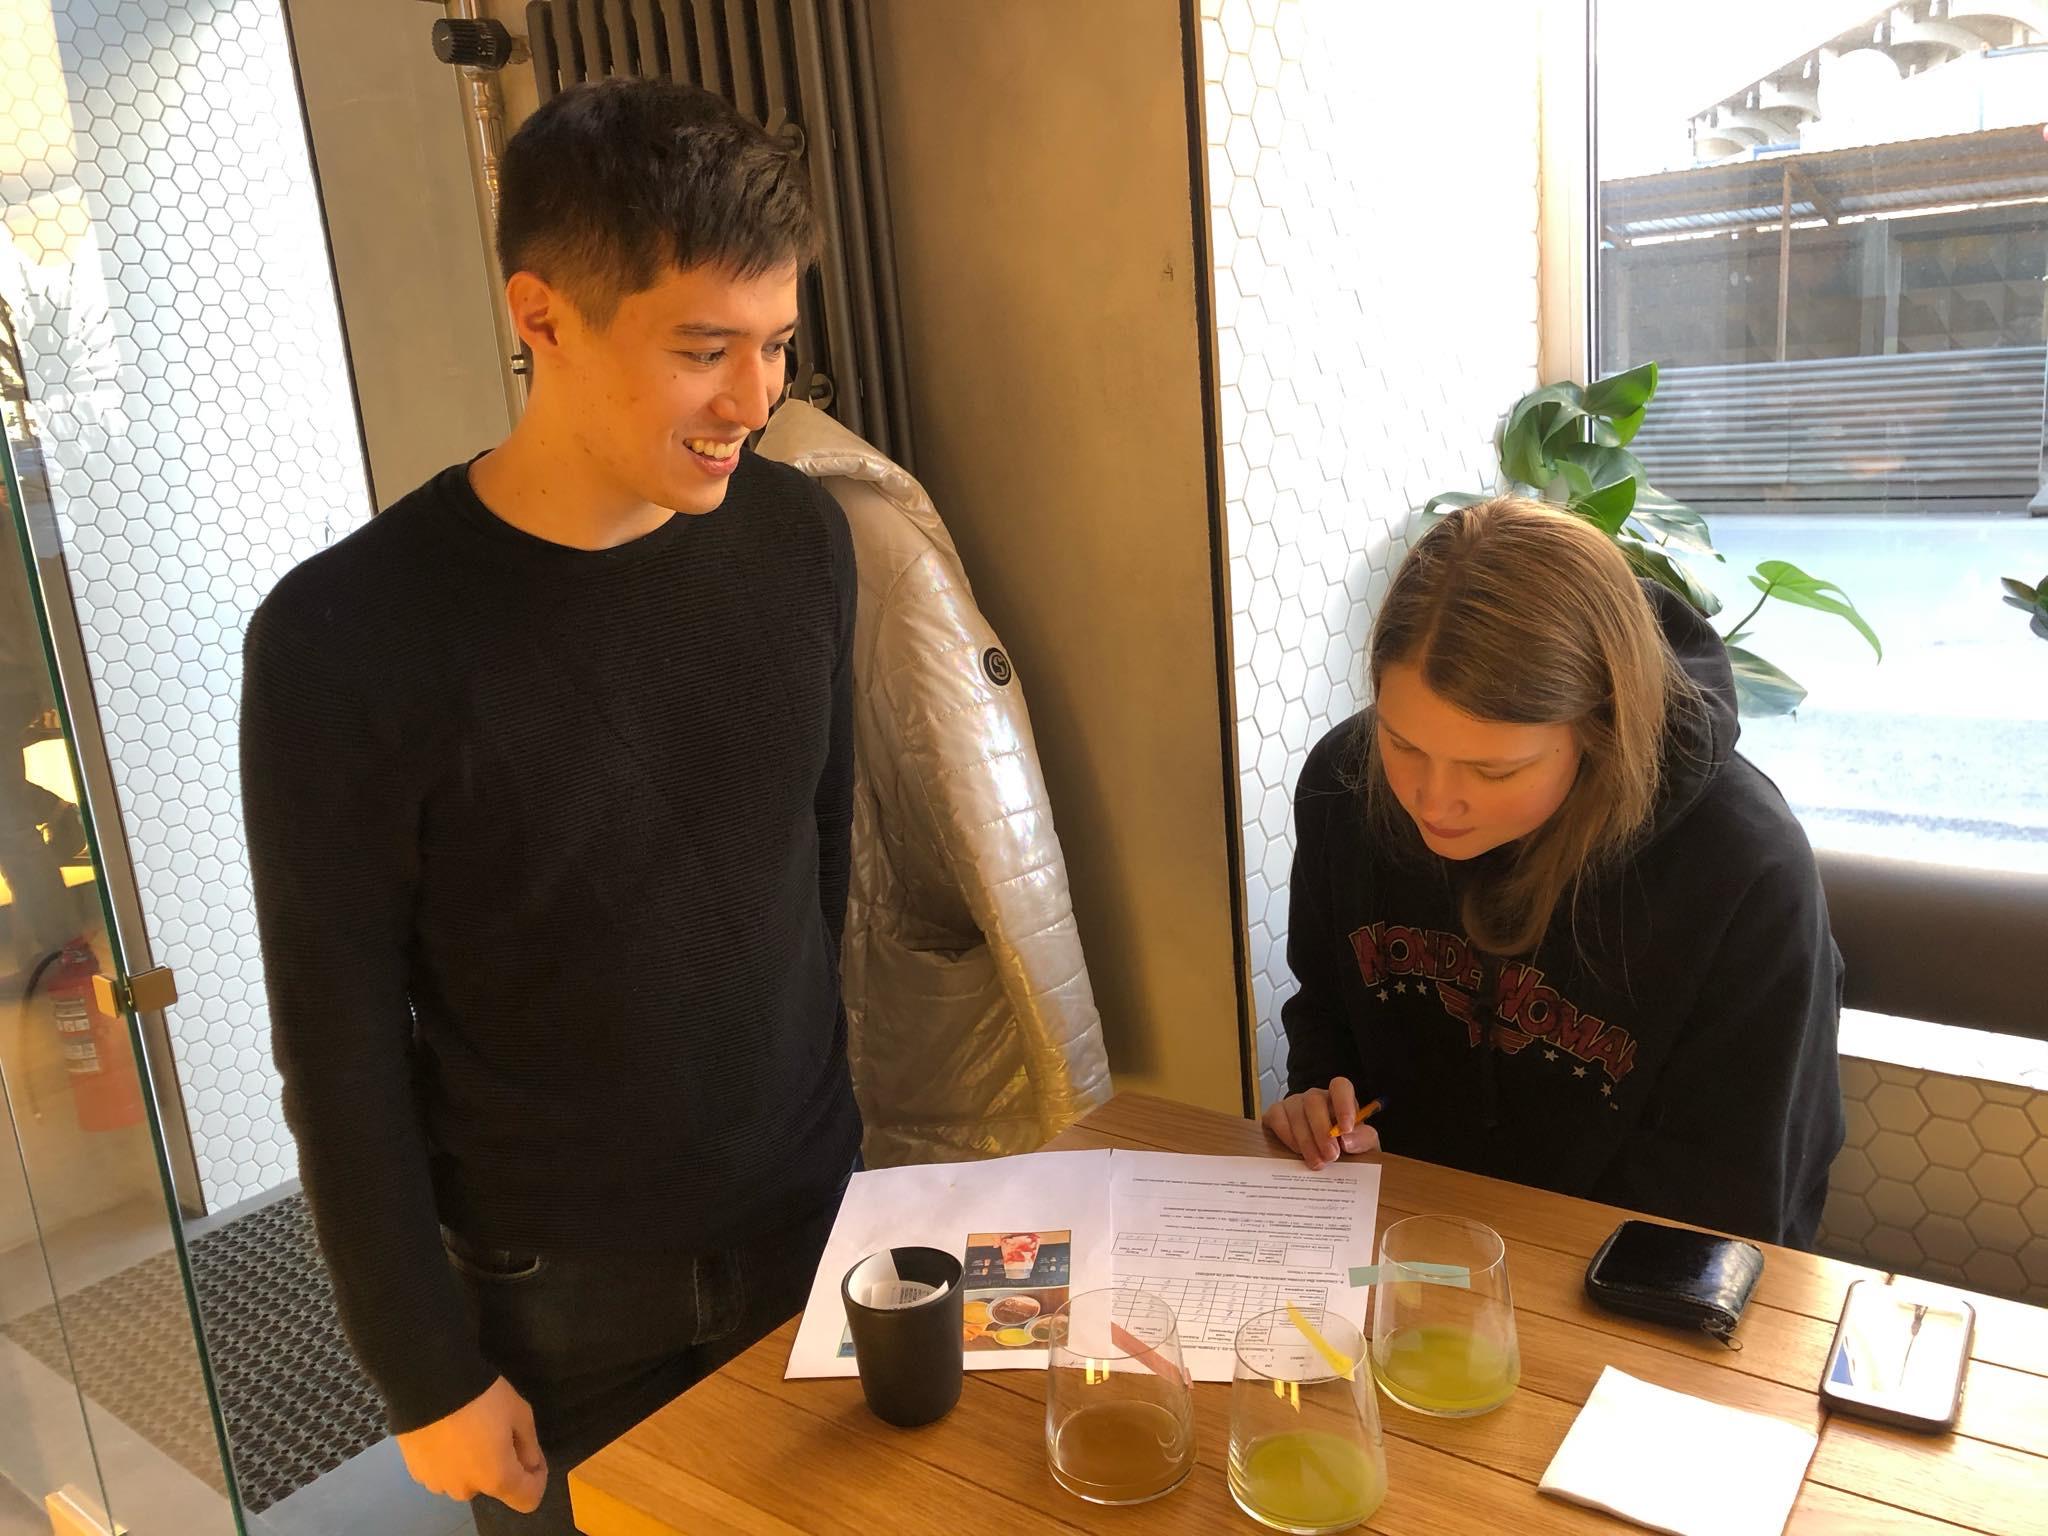 ロシア人はお茶が大好き?日本とロシアのお茶に関する習慣の違いを調査!